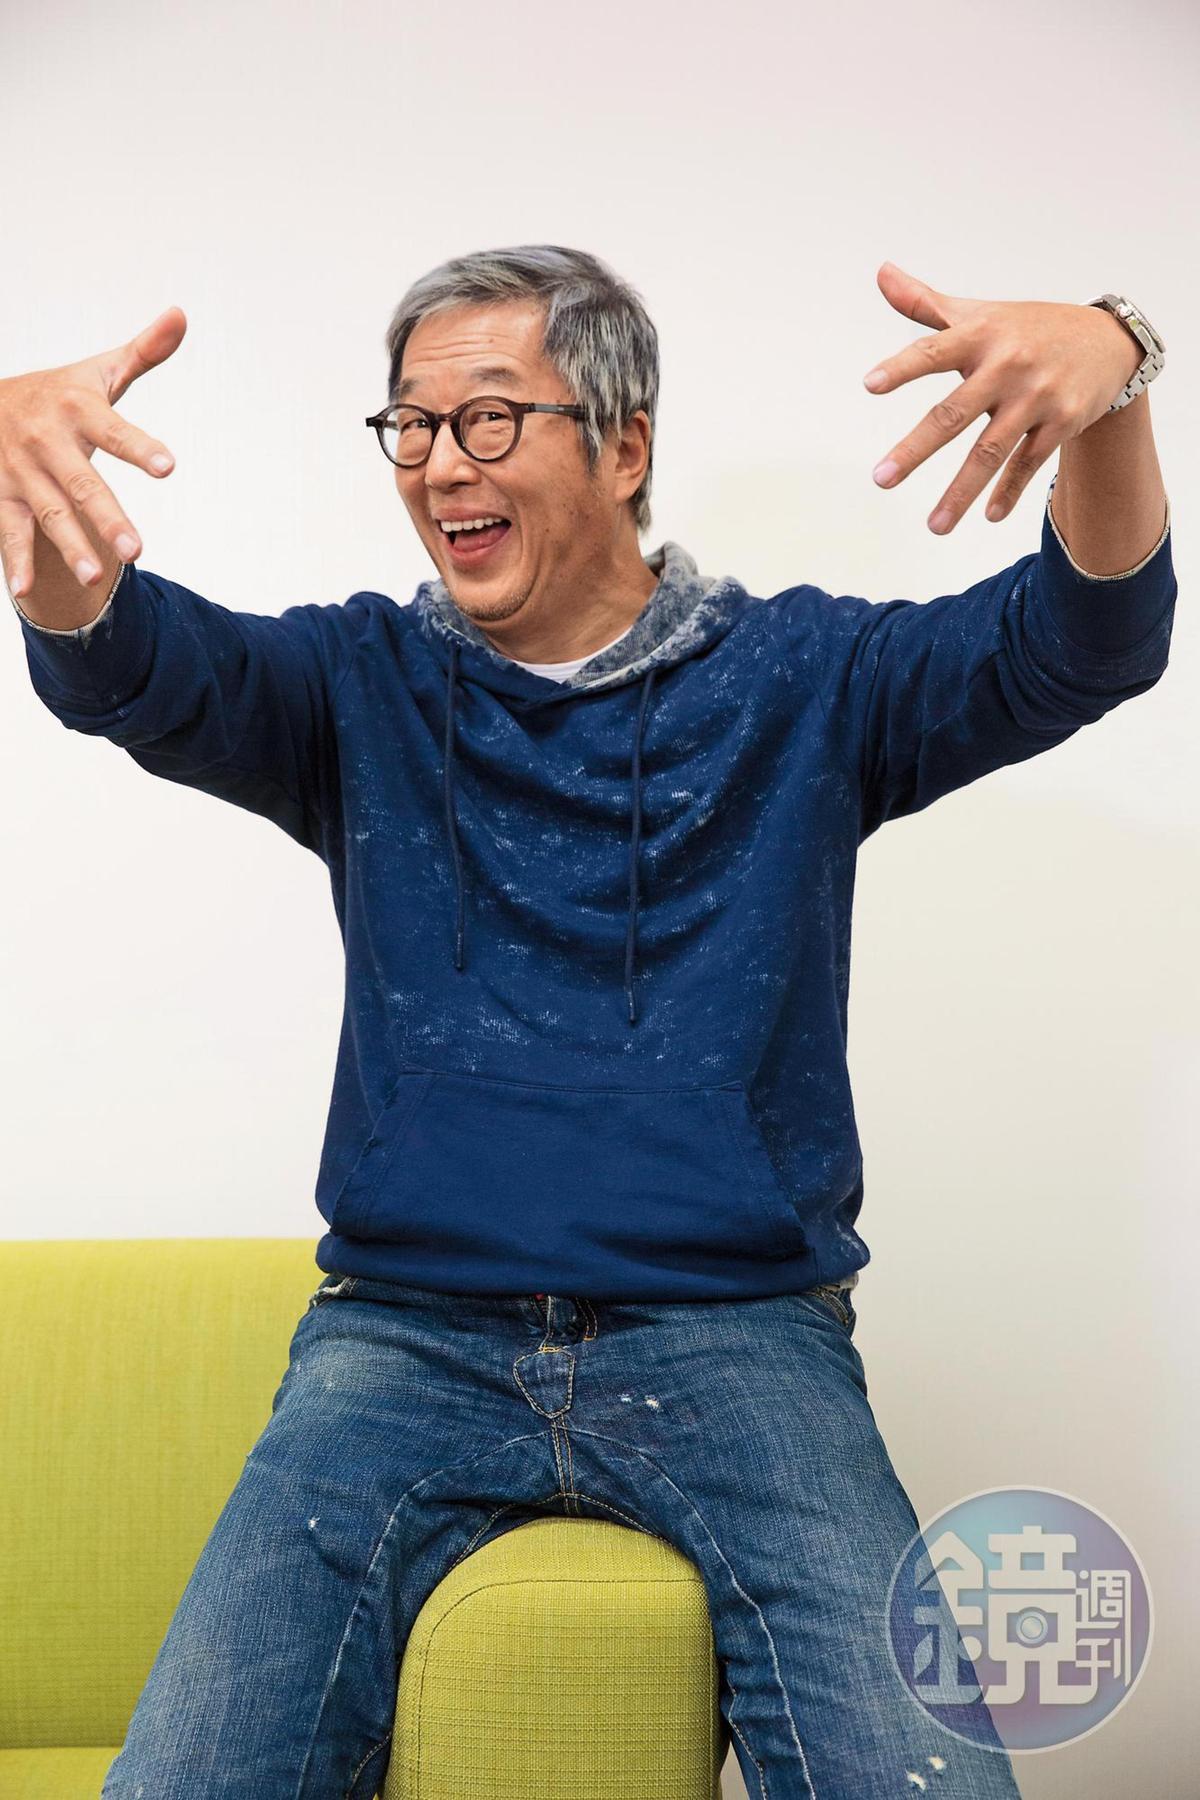 資深製作人王偉忠對於新社群軟體也大方玩,做出逗趣動作。